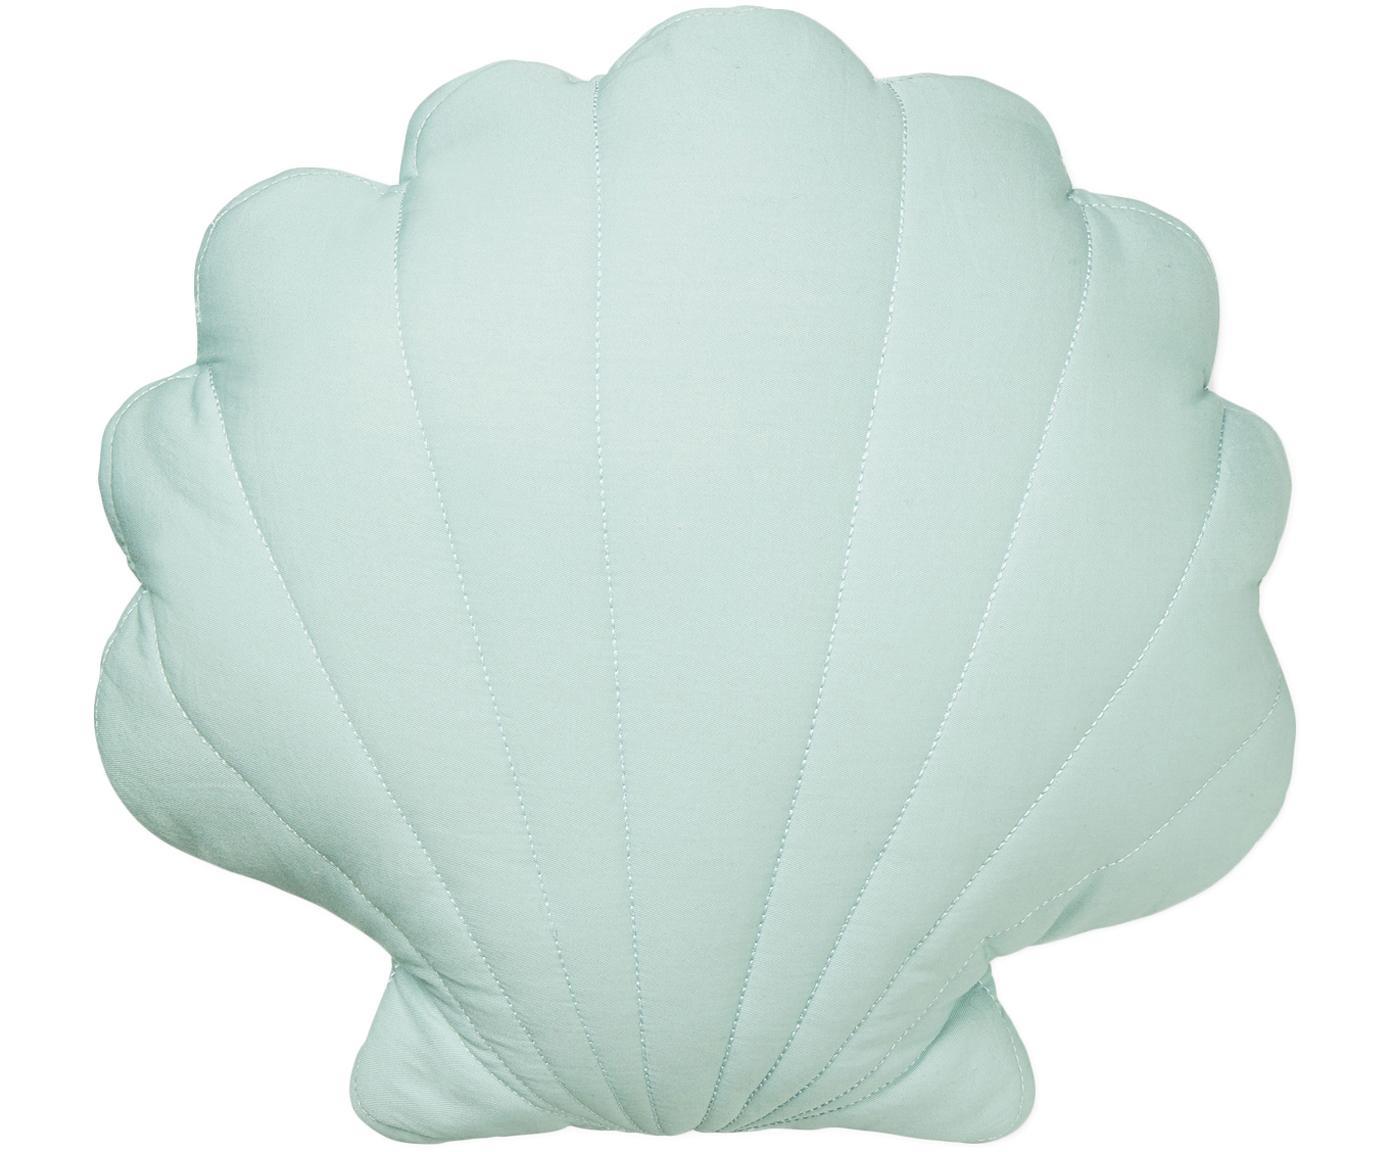 Cojín Sea Shell, con relleno, Exterior: algodón orgánico, Verde menta, An 28 x L 39 cm